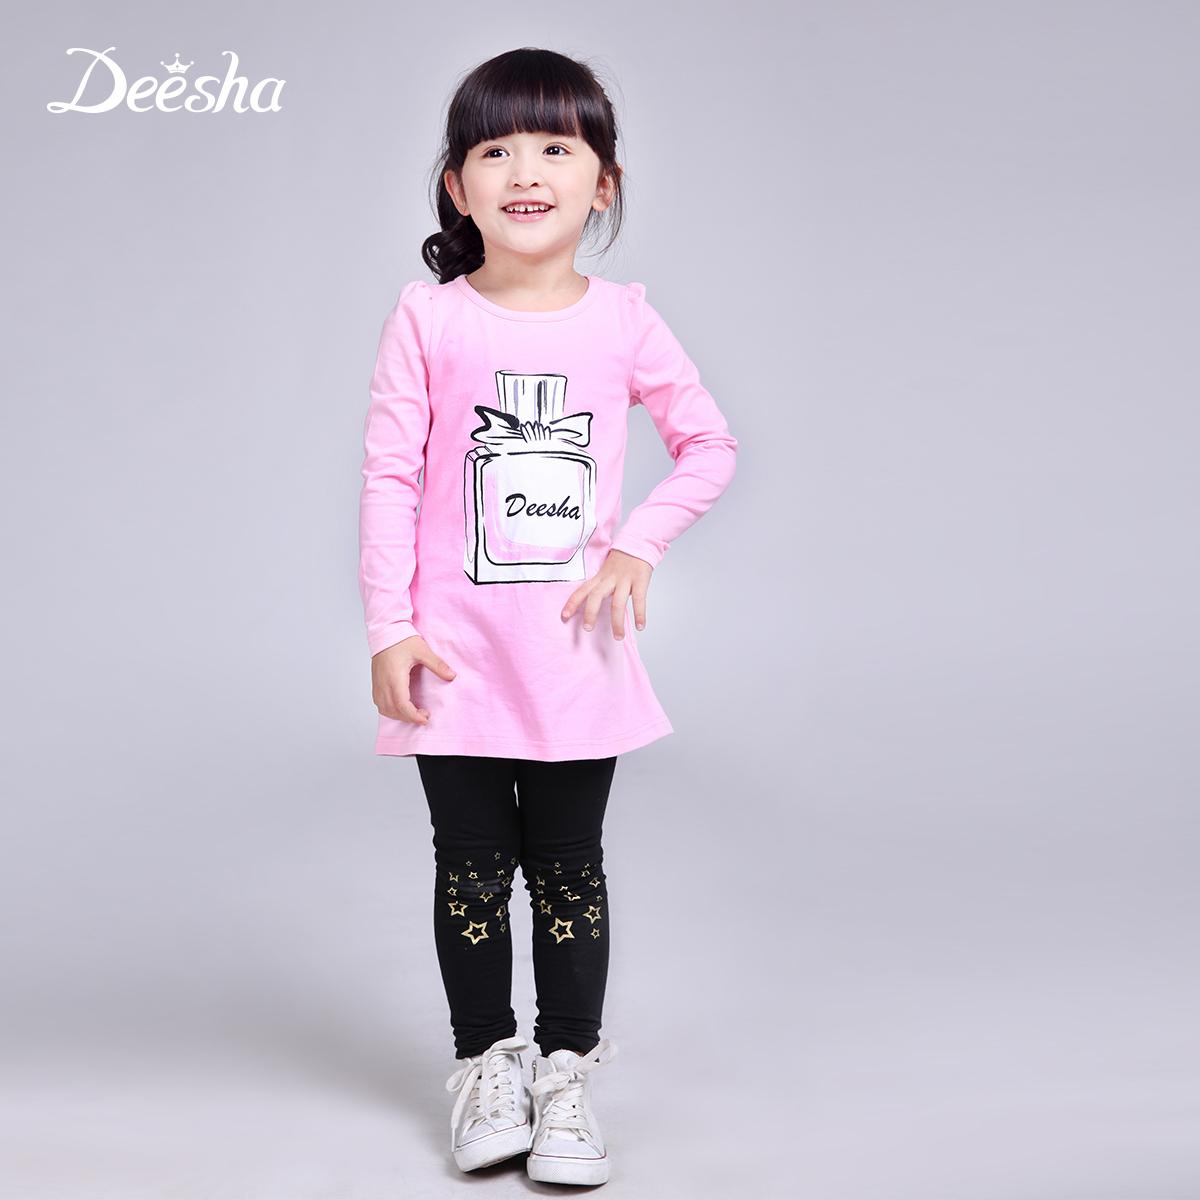 Футболка детская DEESHA 1510124 2015 shakespeare lexicon